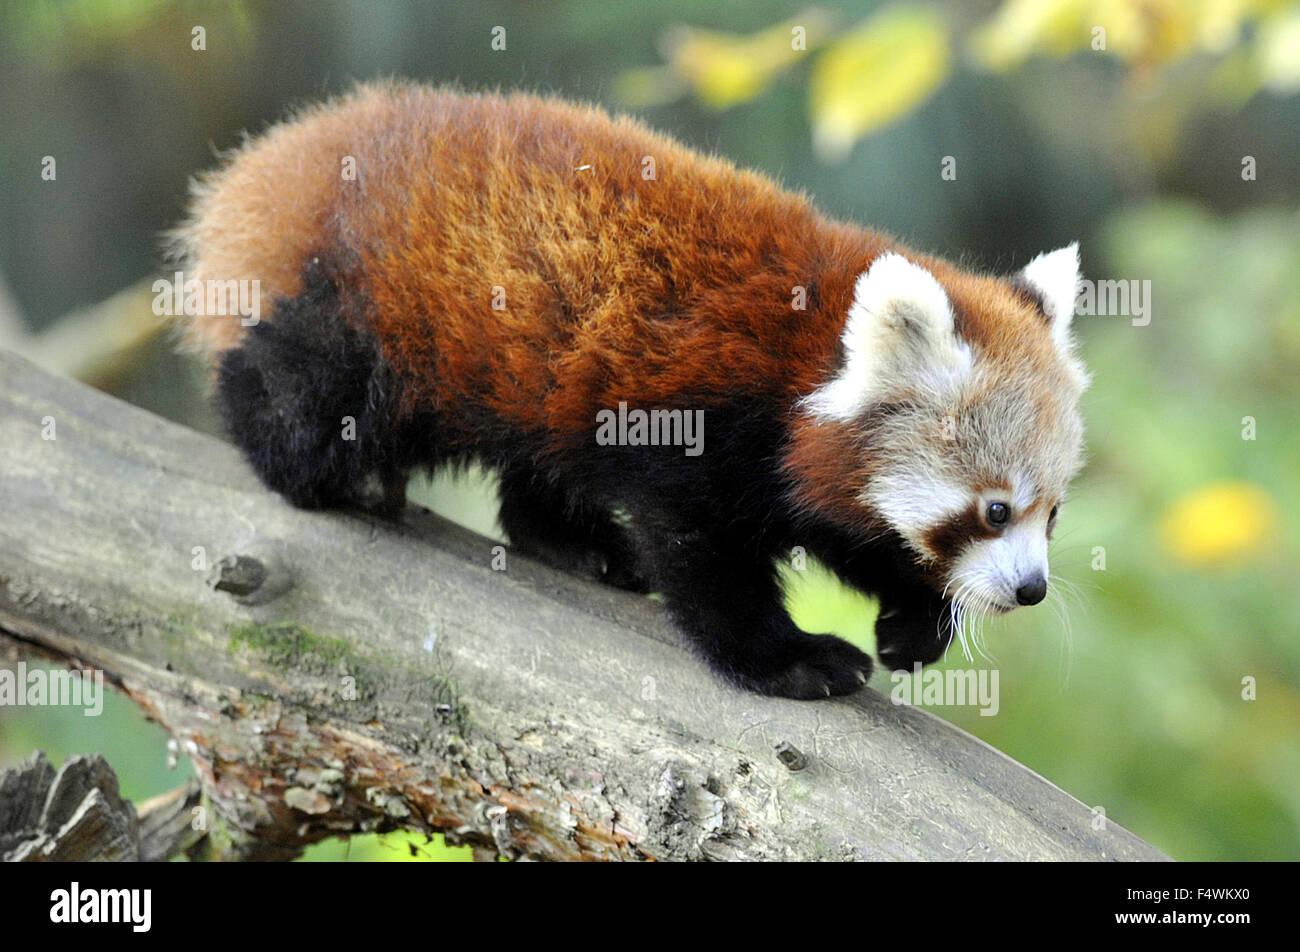 Zlin, República Checa. 23 Oct, 2015. Panda rojo cub se asienta en un árbol en el parque zoológico de Zlin, República Foto de stock